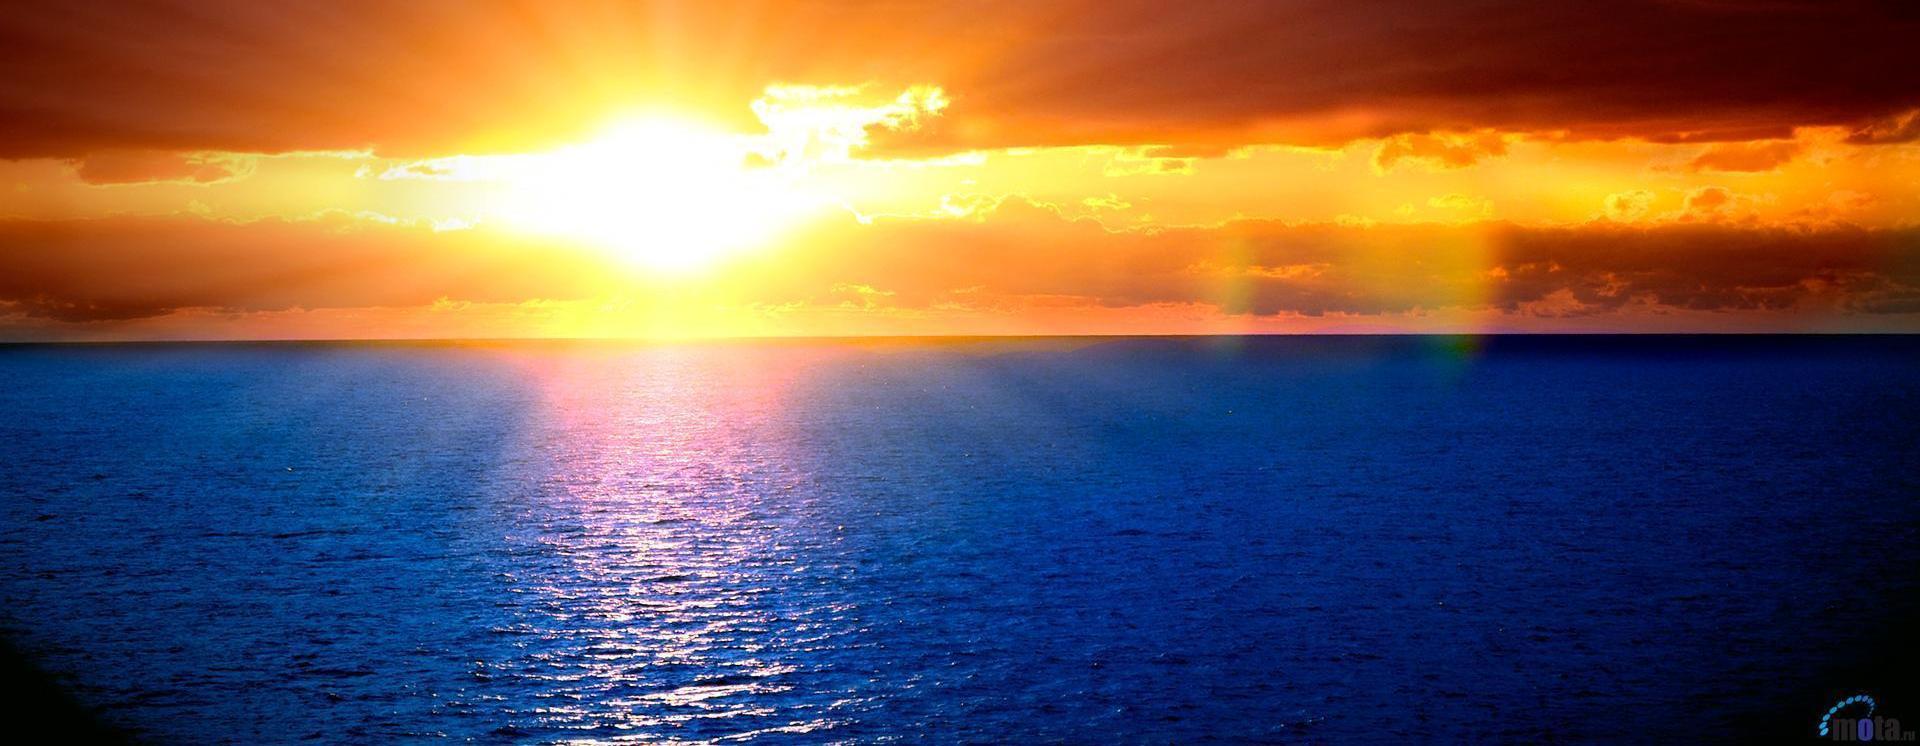 1427650254 sunset background copy